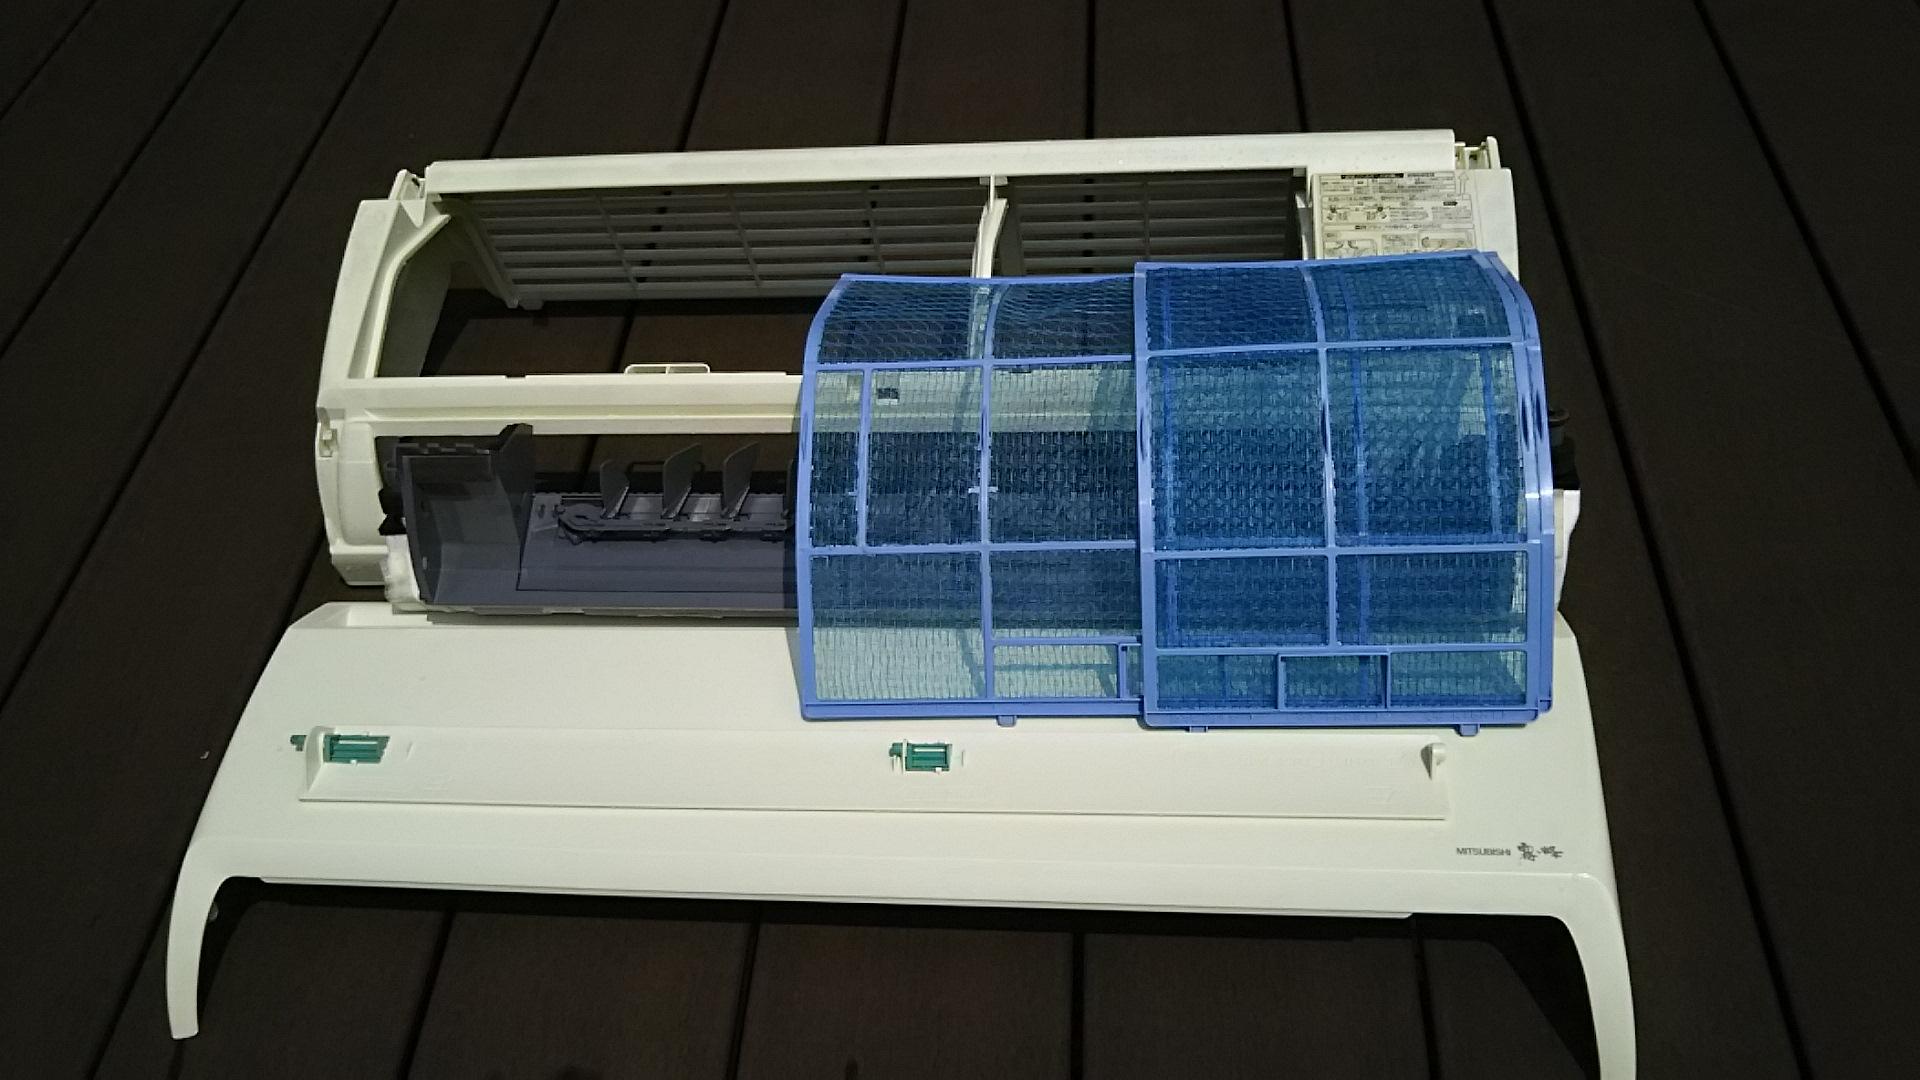 外した部品 三菱エアコン霧ヶ峰 名古屋 分解洗浄 クリーニング 業者 ドレンパン外す ファン抜く カビ汚れ